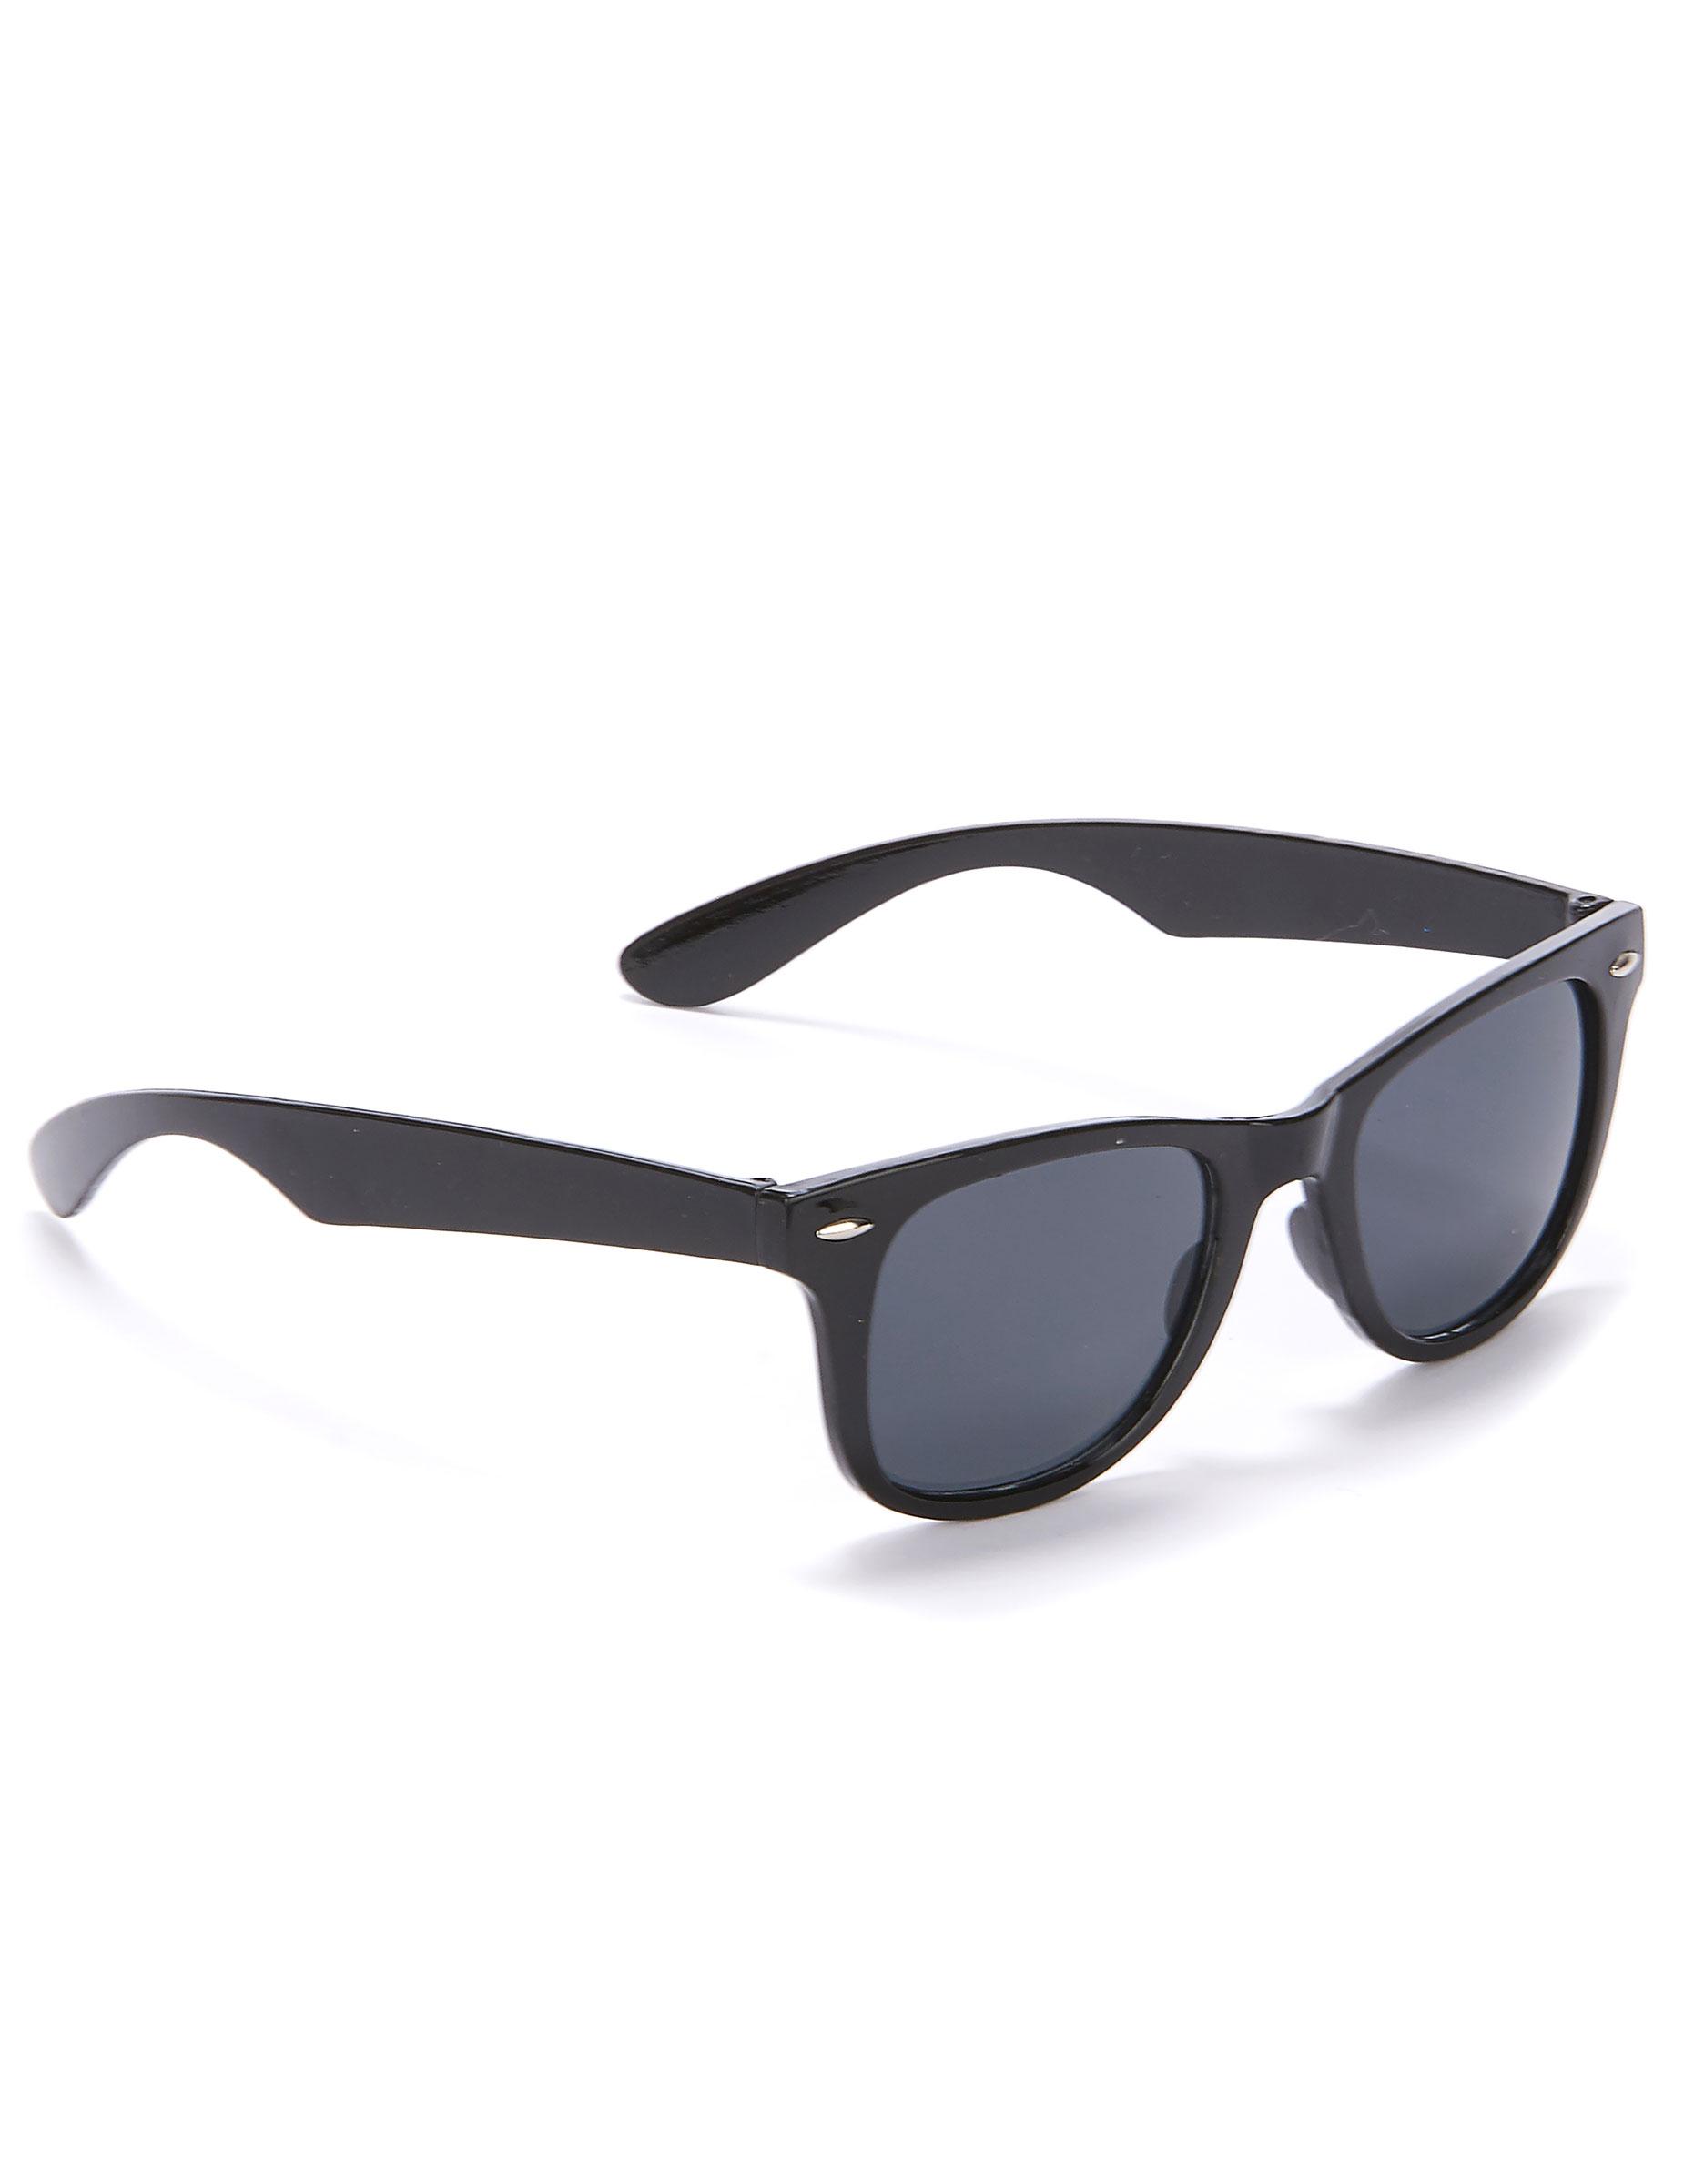 Occhiali neri anni  50  Accessori b1a70b34135